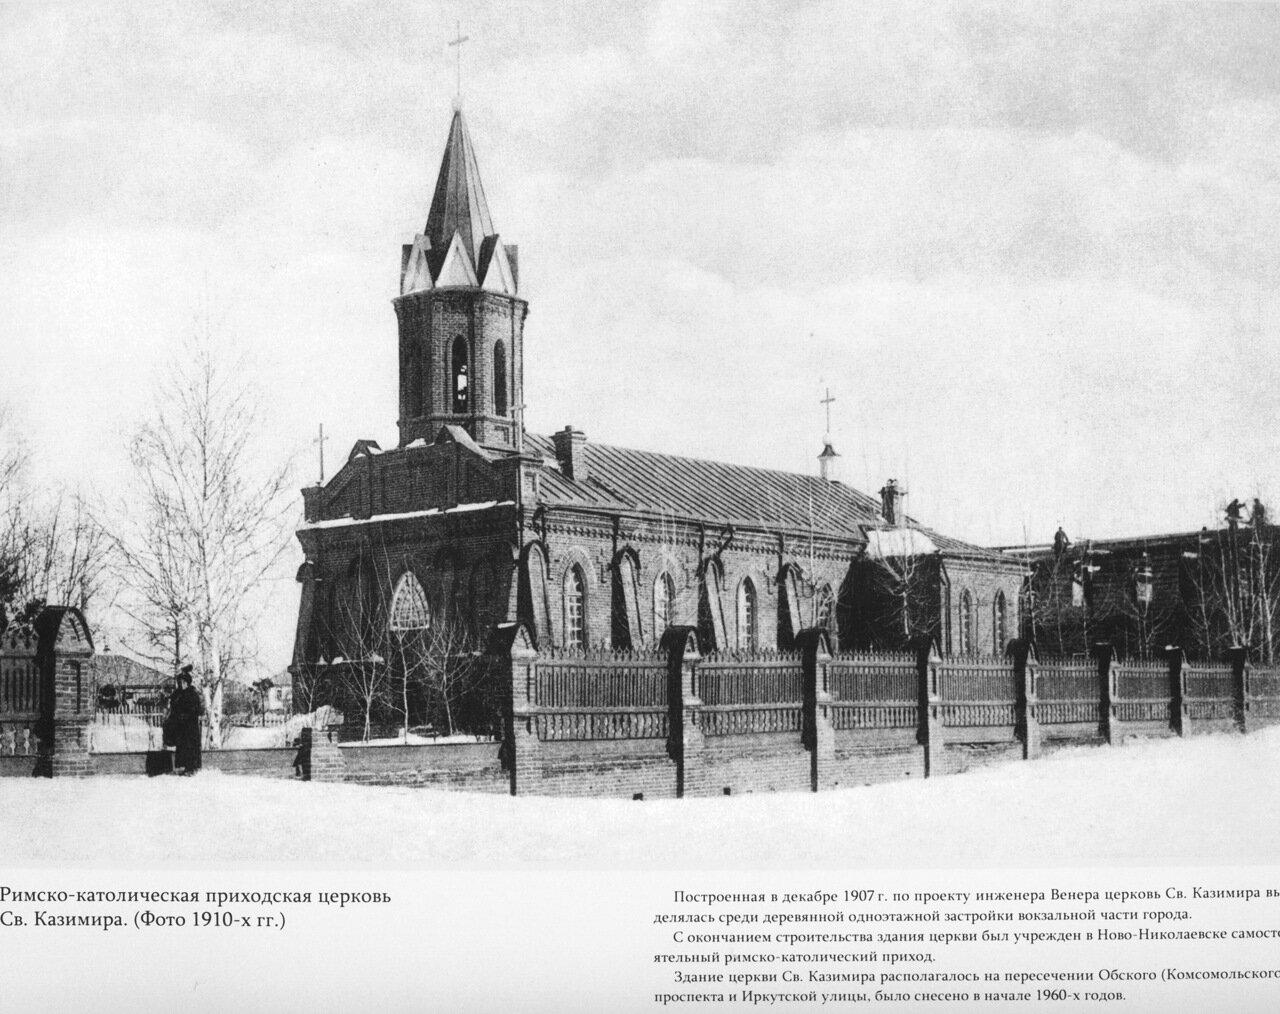 Римско-католическая приходская церковь Св. Казимира